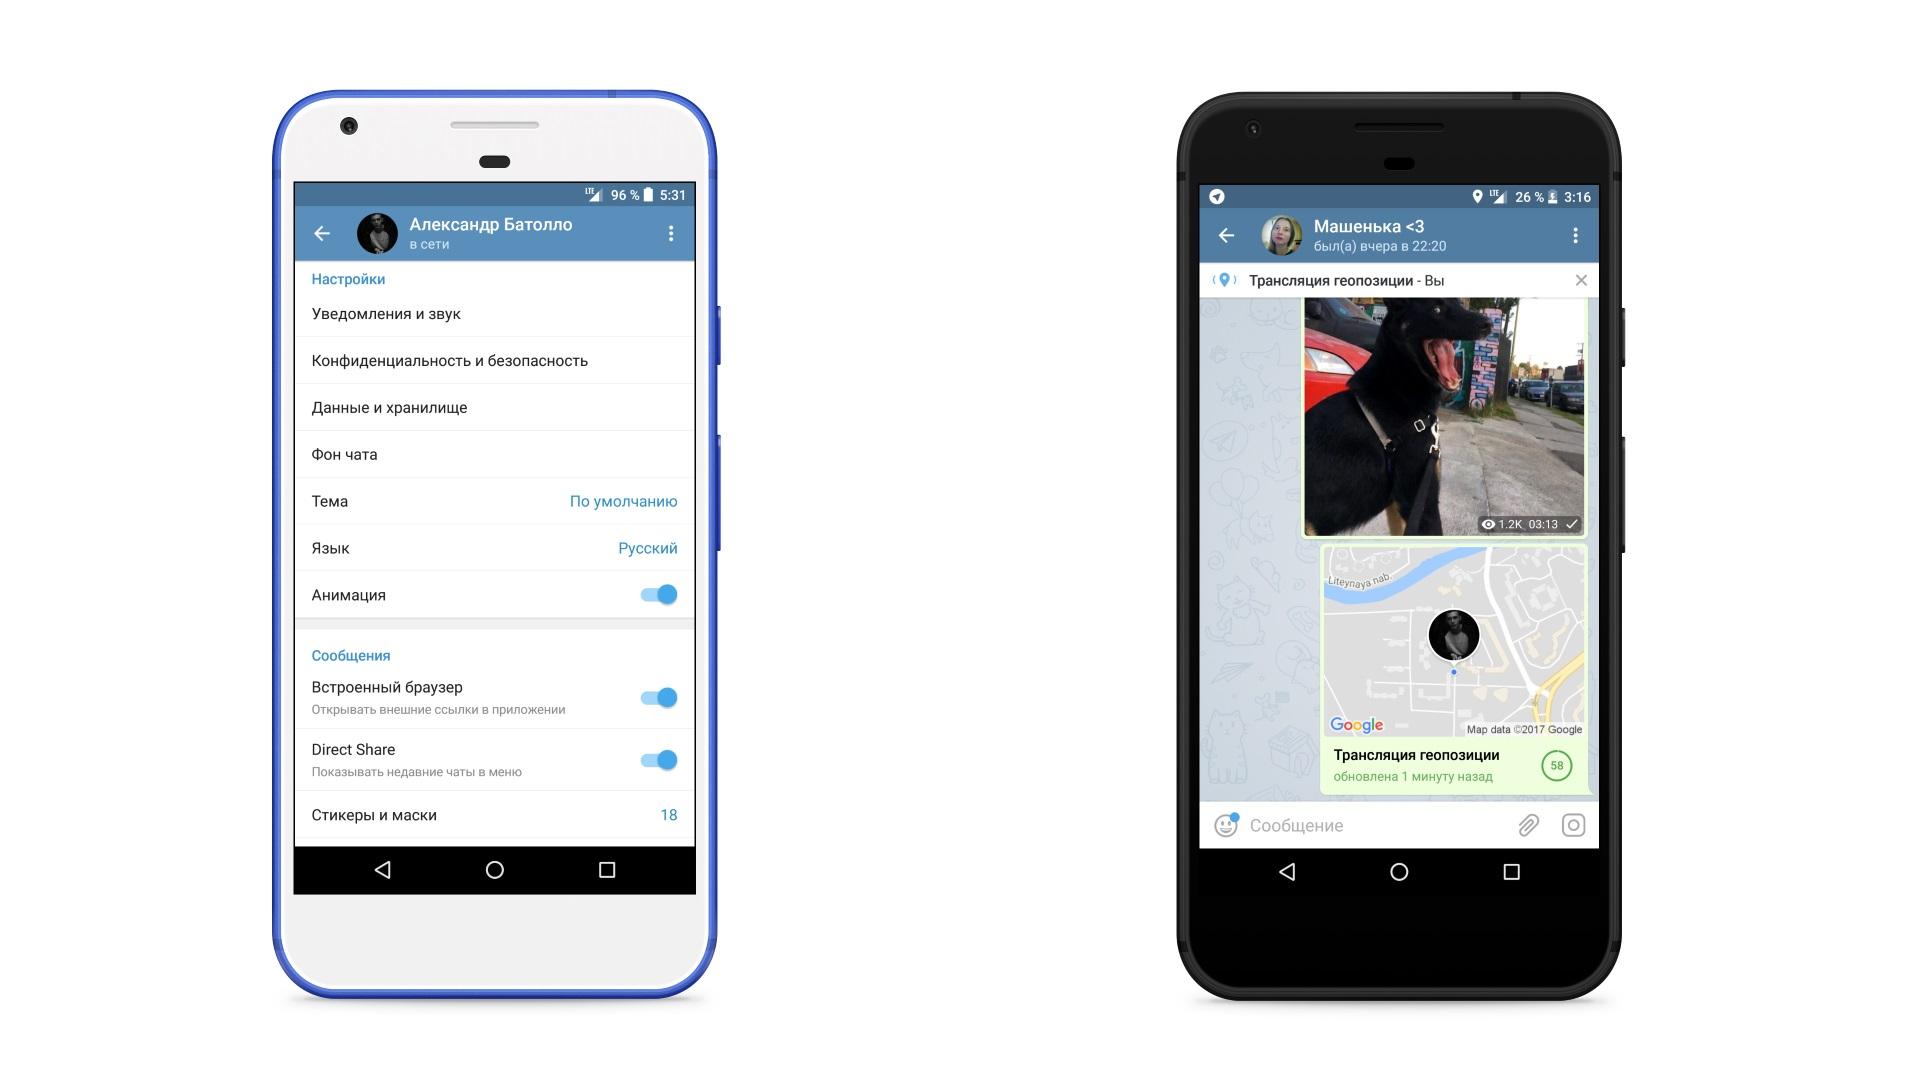 Страница настроек Telegram на русском языке и диалог с трансляцией местоположения